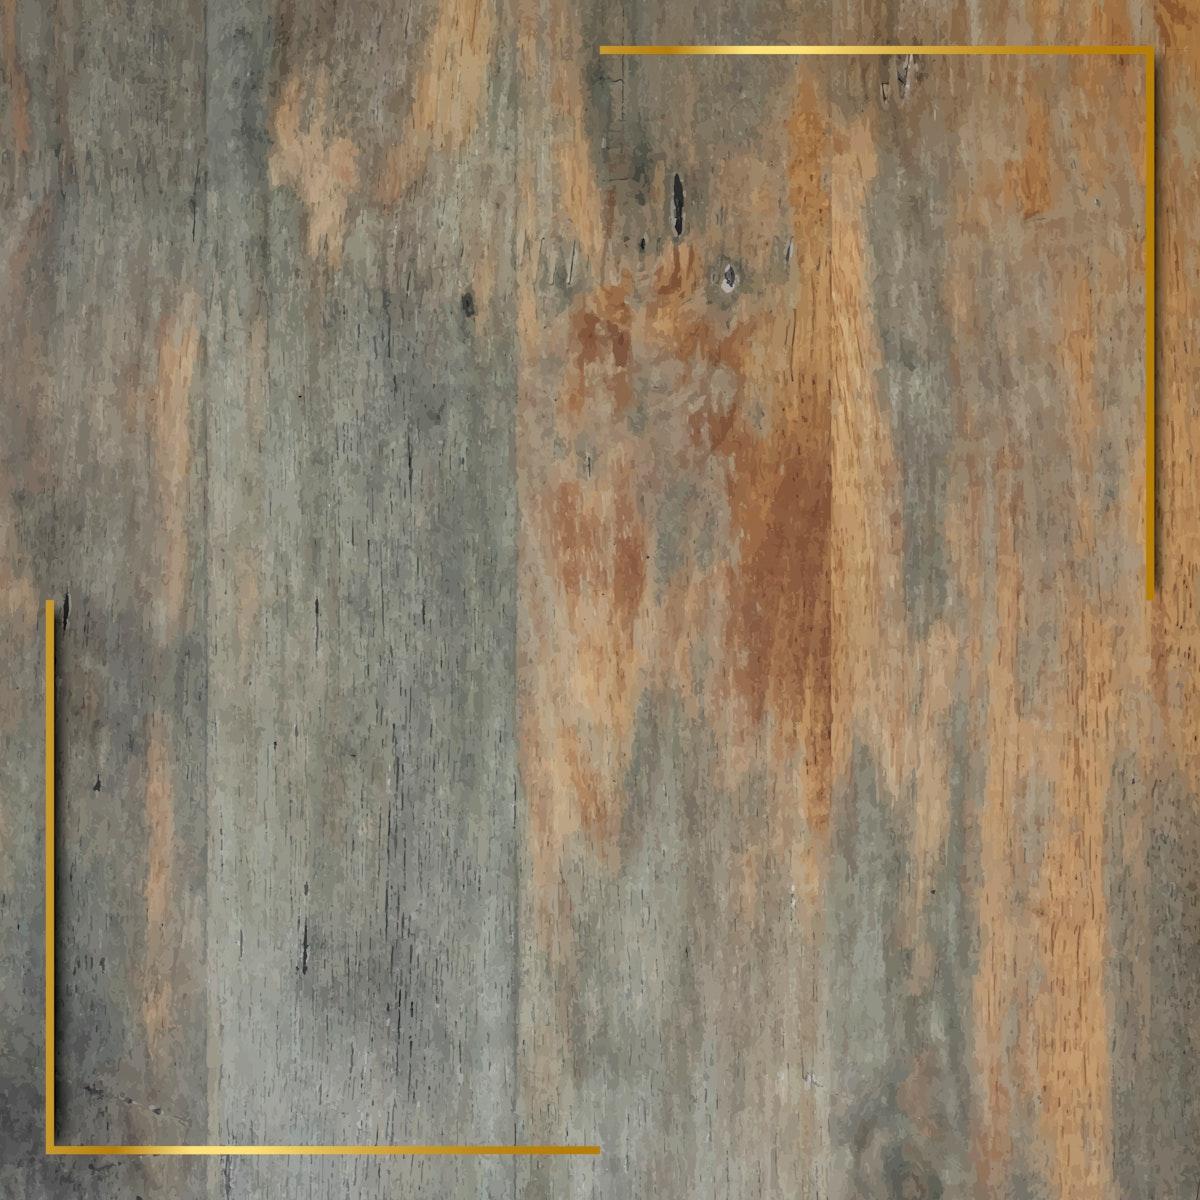 Gold frame on grunge wooden background vector